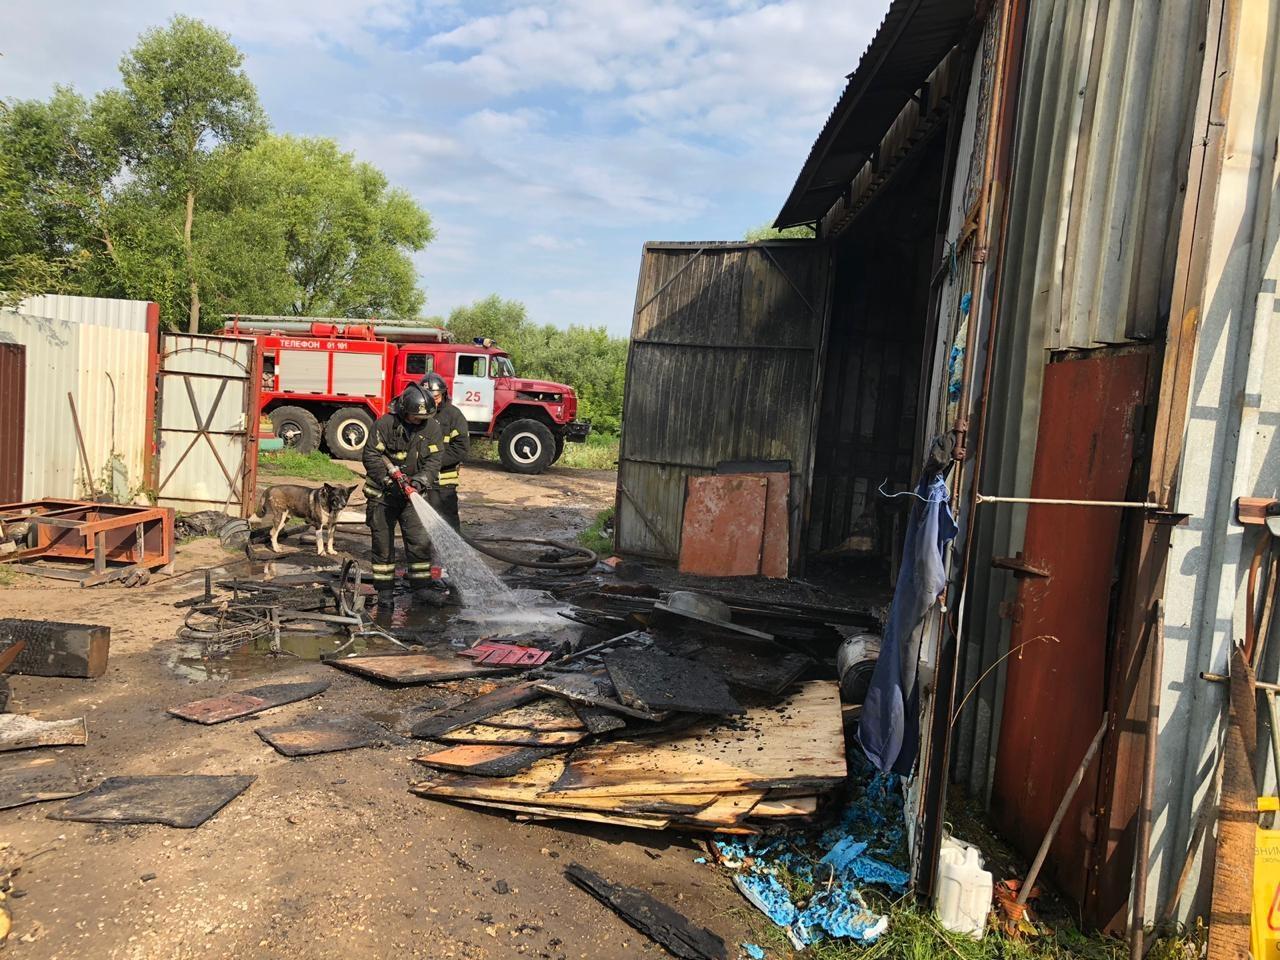 Сарай с тремя автомобилями сгорел в Новомосковске